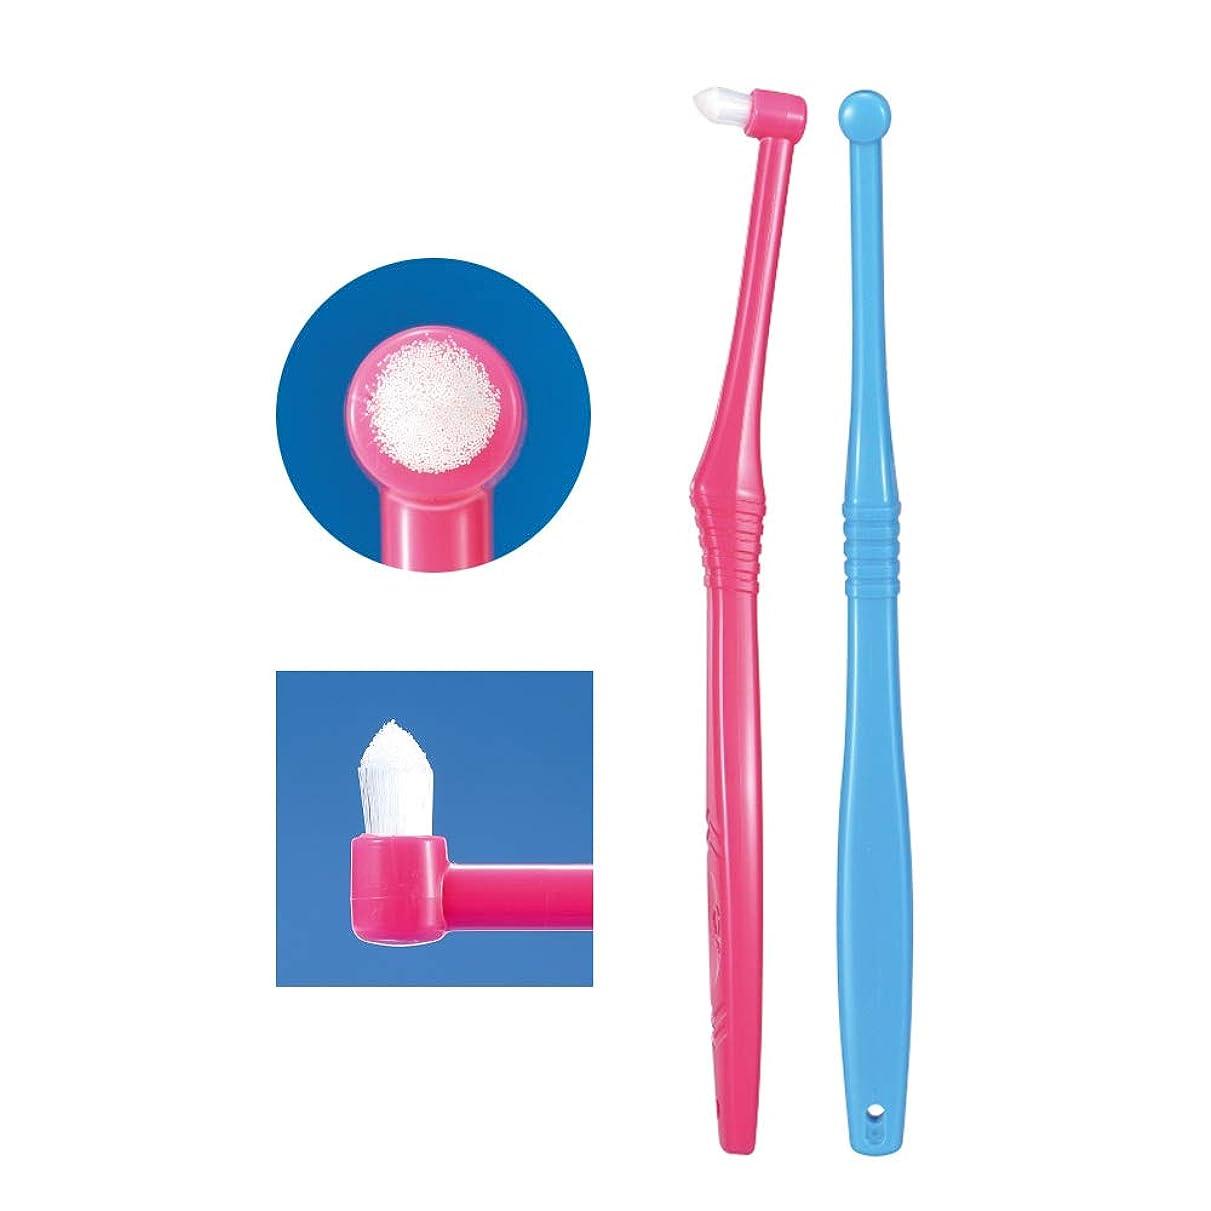 Ci PROワンタフト 1本 ラージヘッド M(ふつう) ポイント磨き 歯科専売品